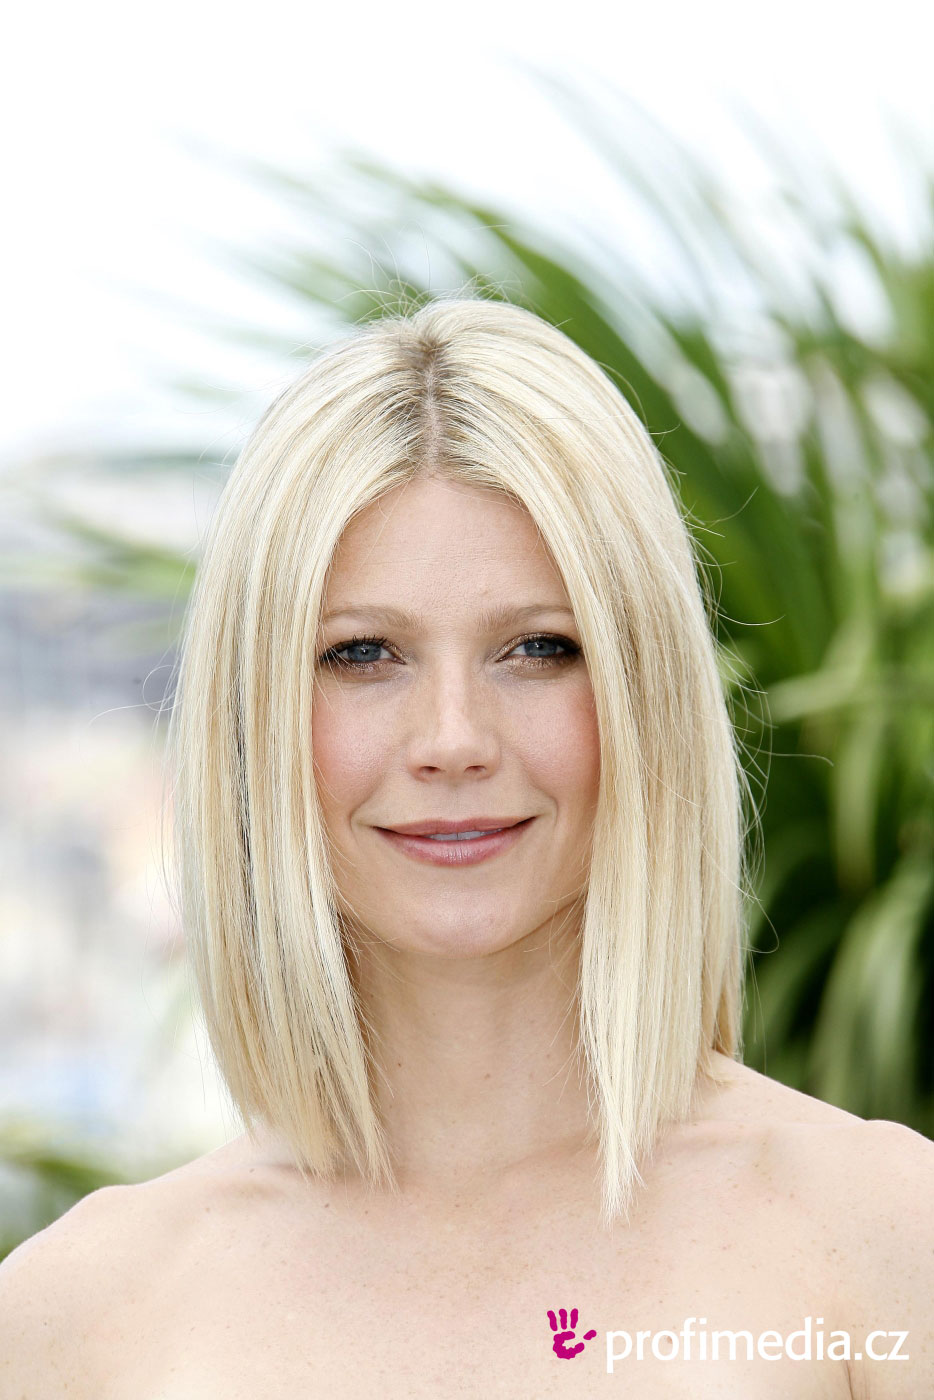 Gwyneth Paltrow Hairstyle Easyhairstyler